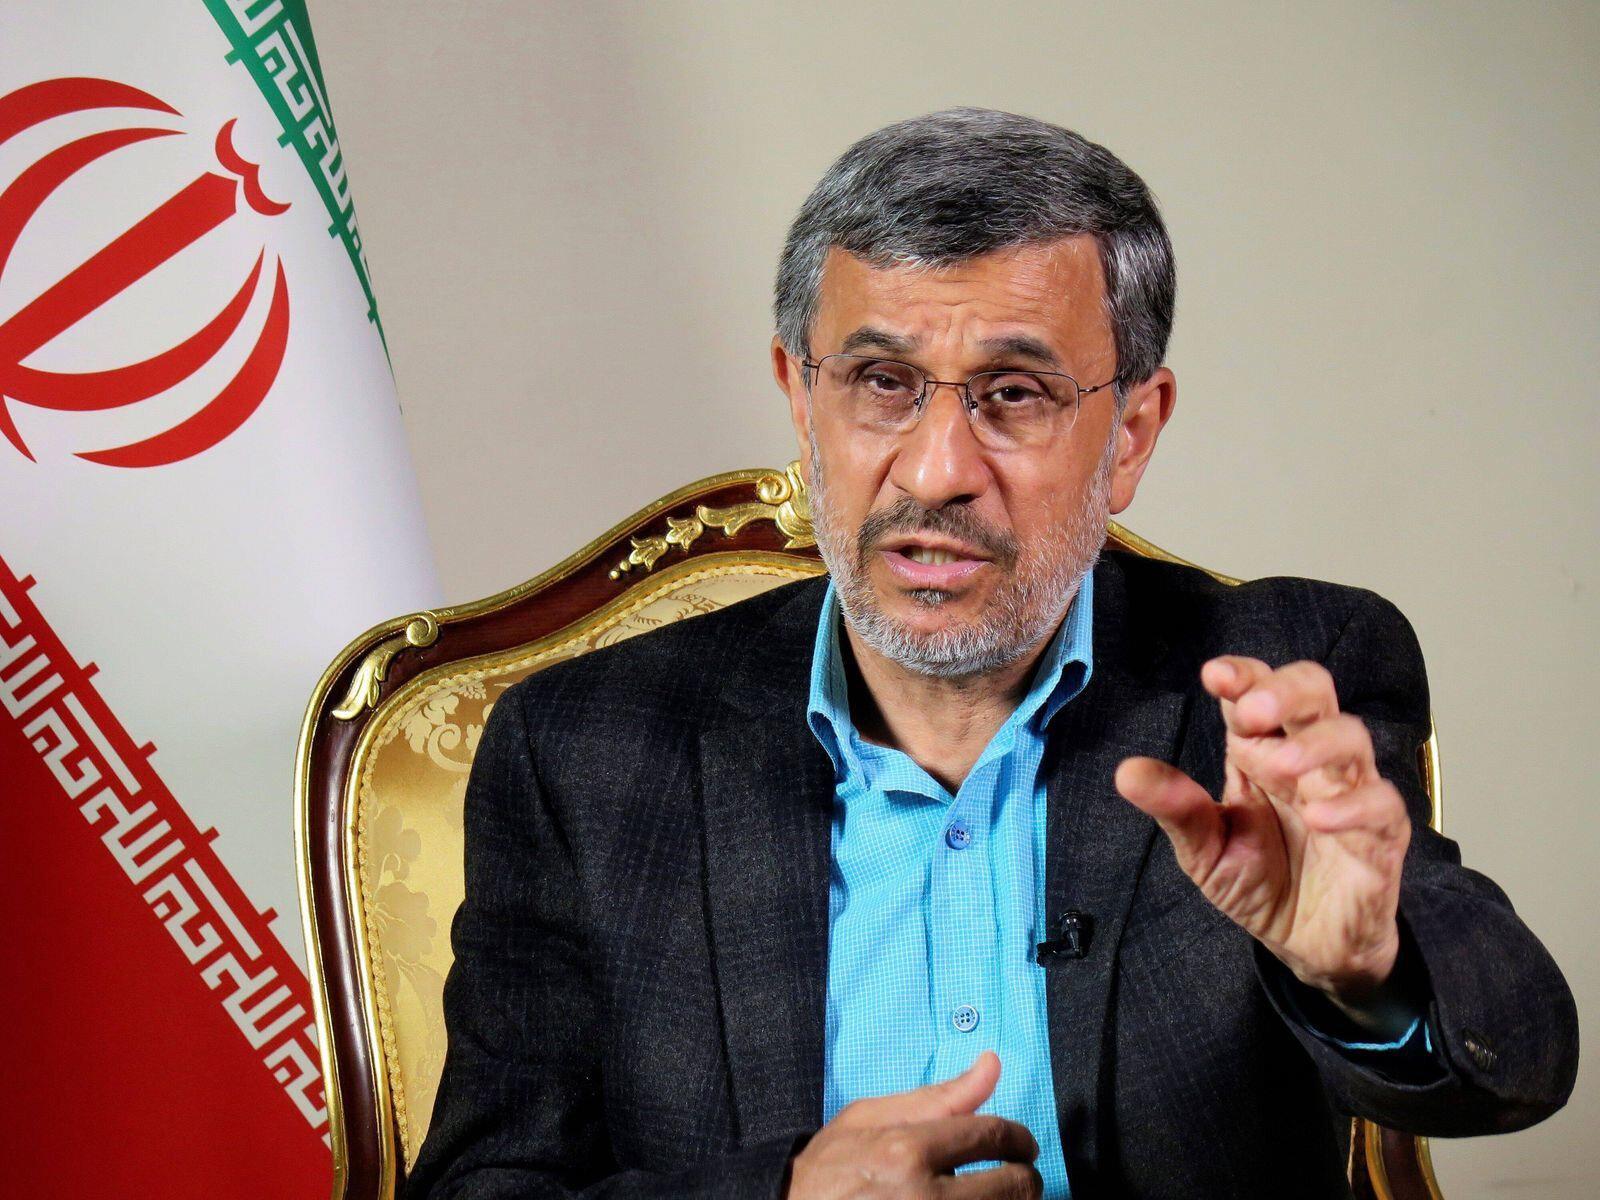 Cumhurbaşkanı adaylığı reddedilen isimlerden birisi de Eski İran Cumhurbaşkanı Mahmut Ahmedinejat oldu.